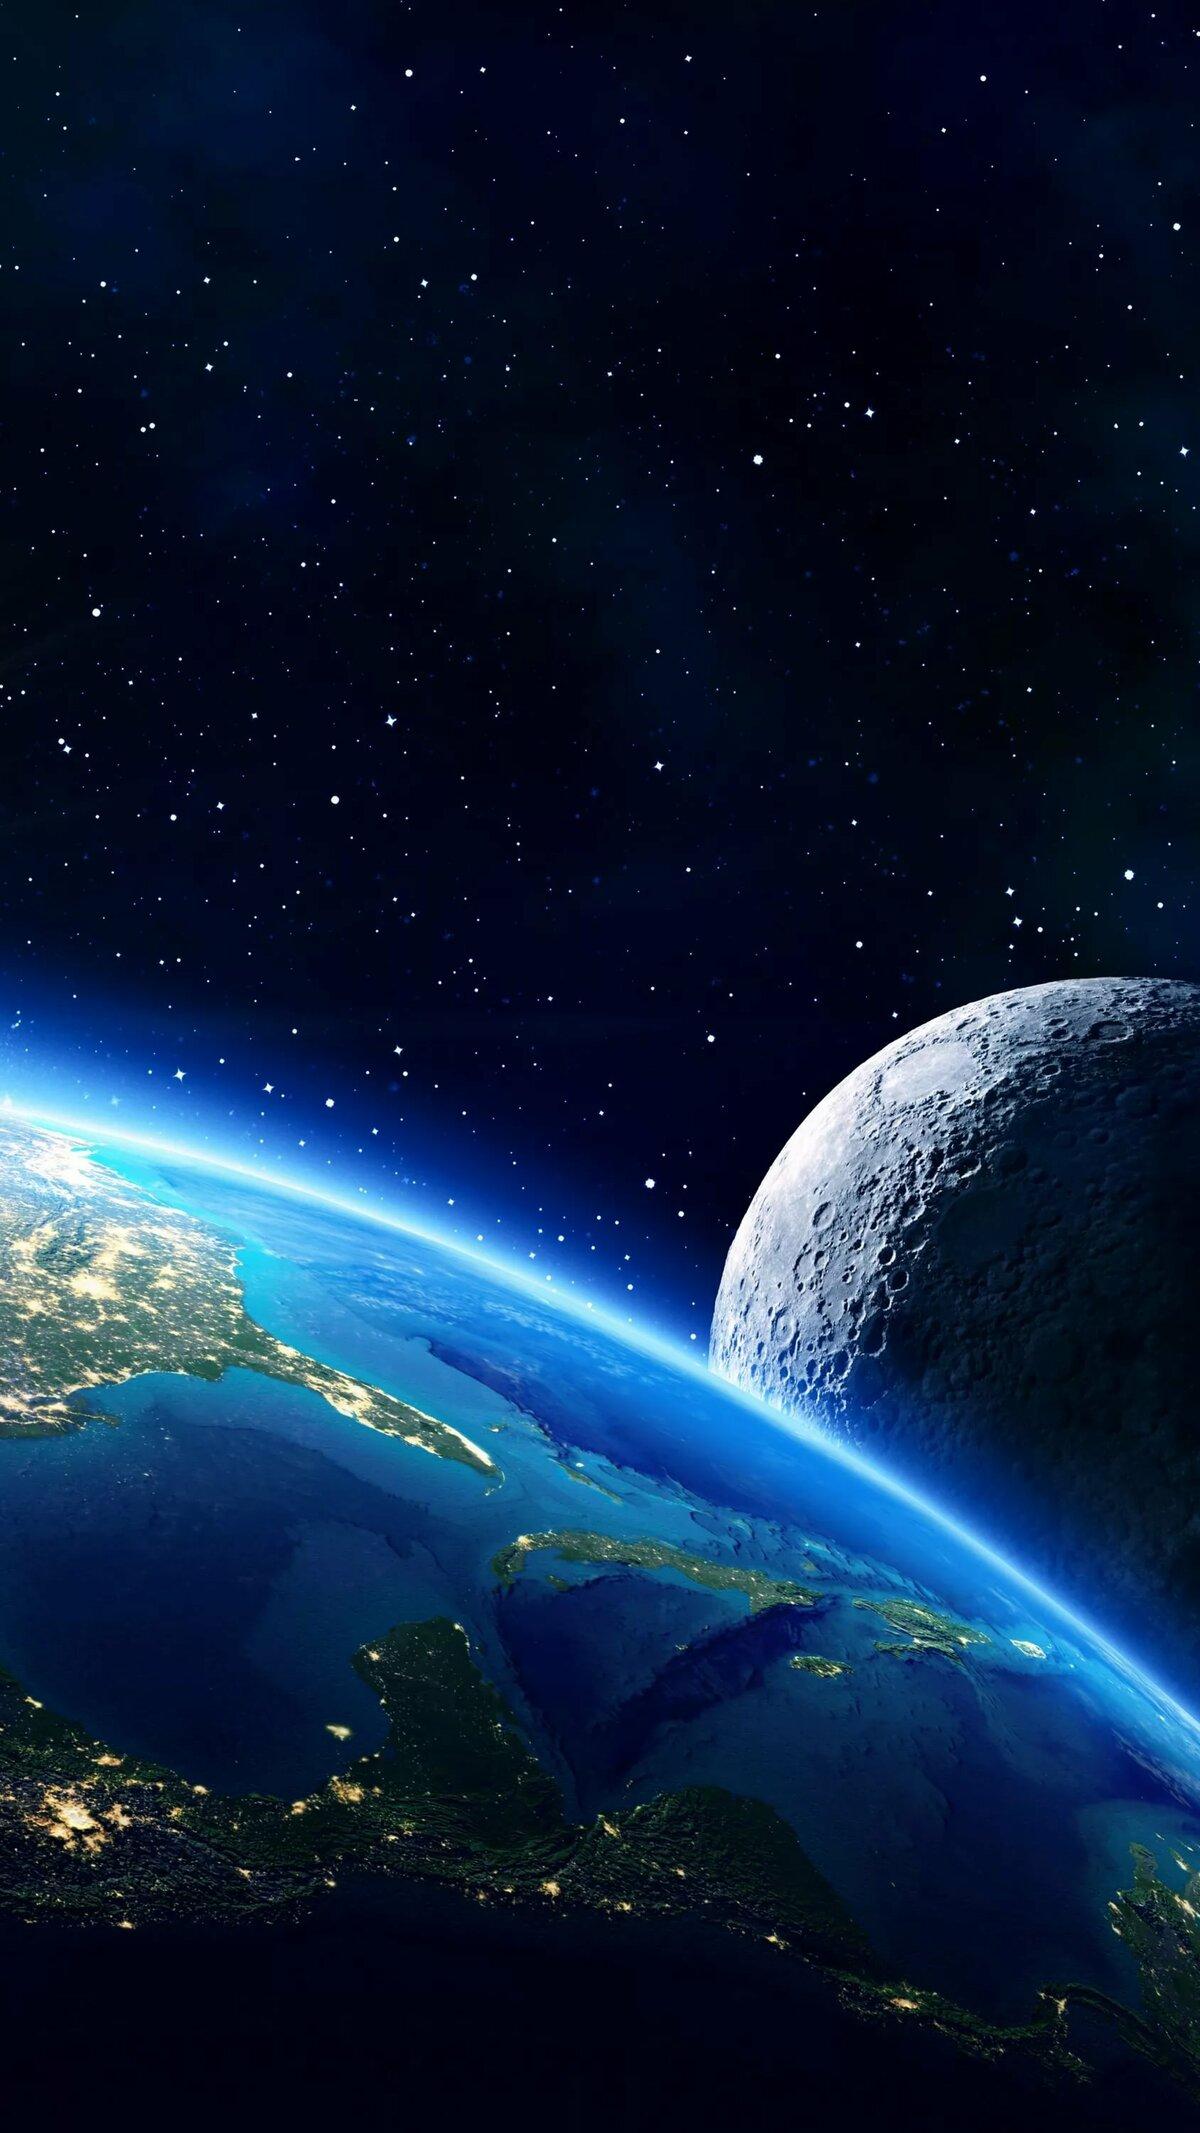 картинки земли из космоса красивые для телефона